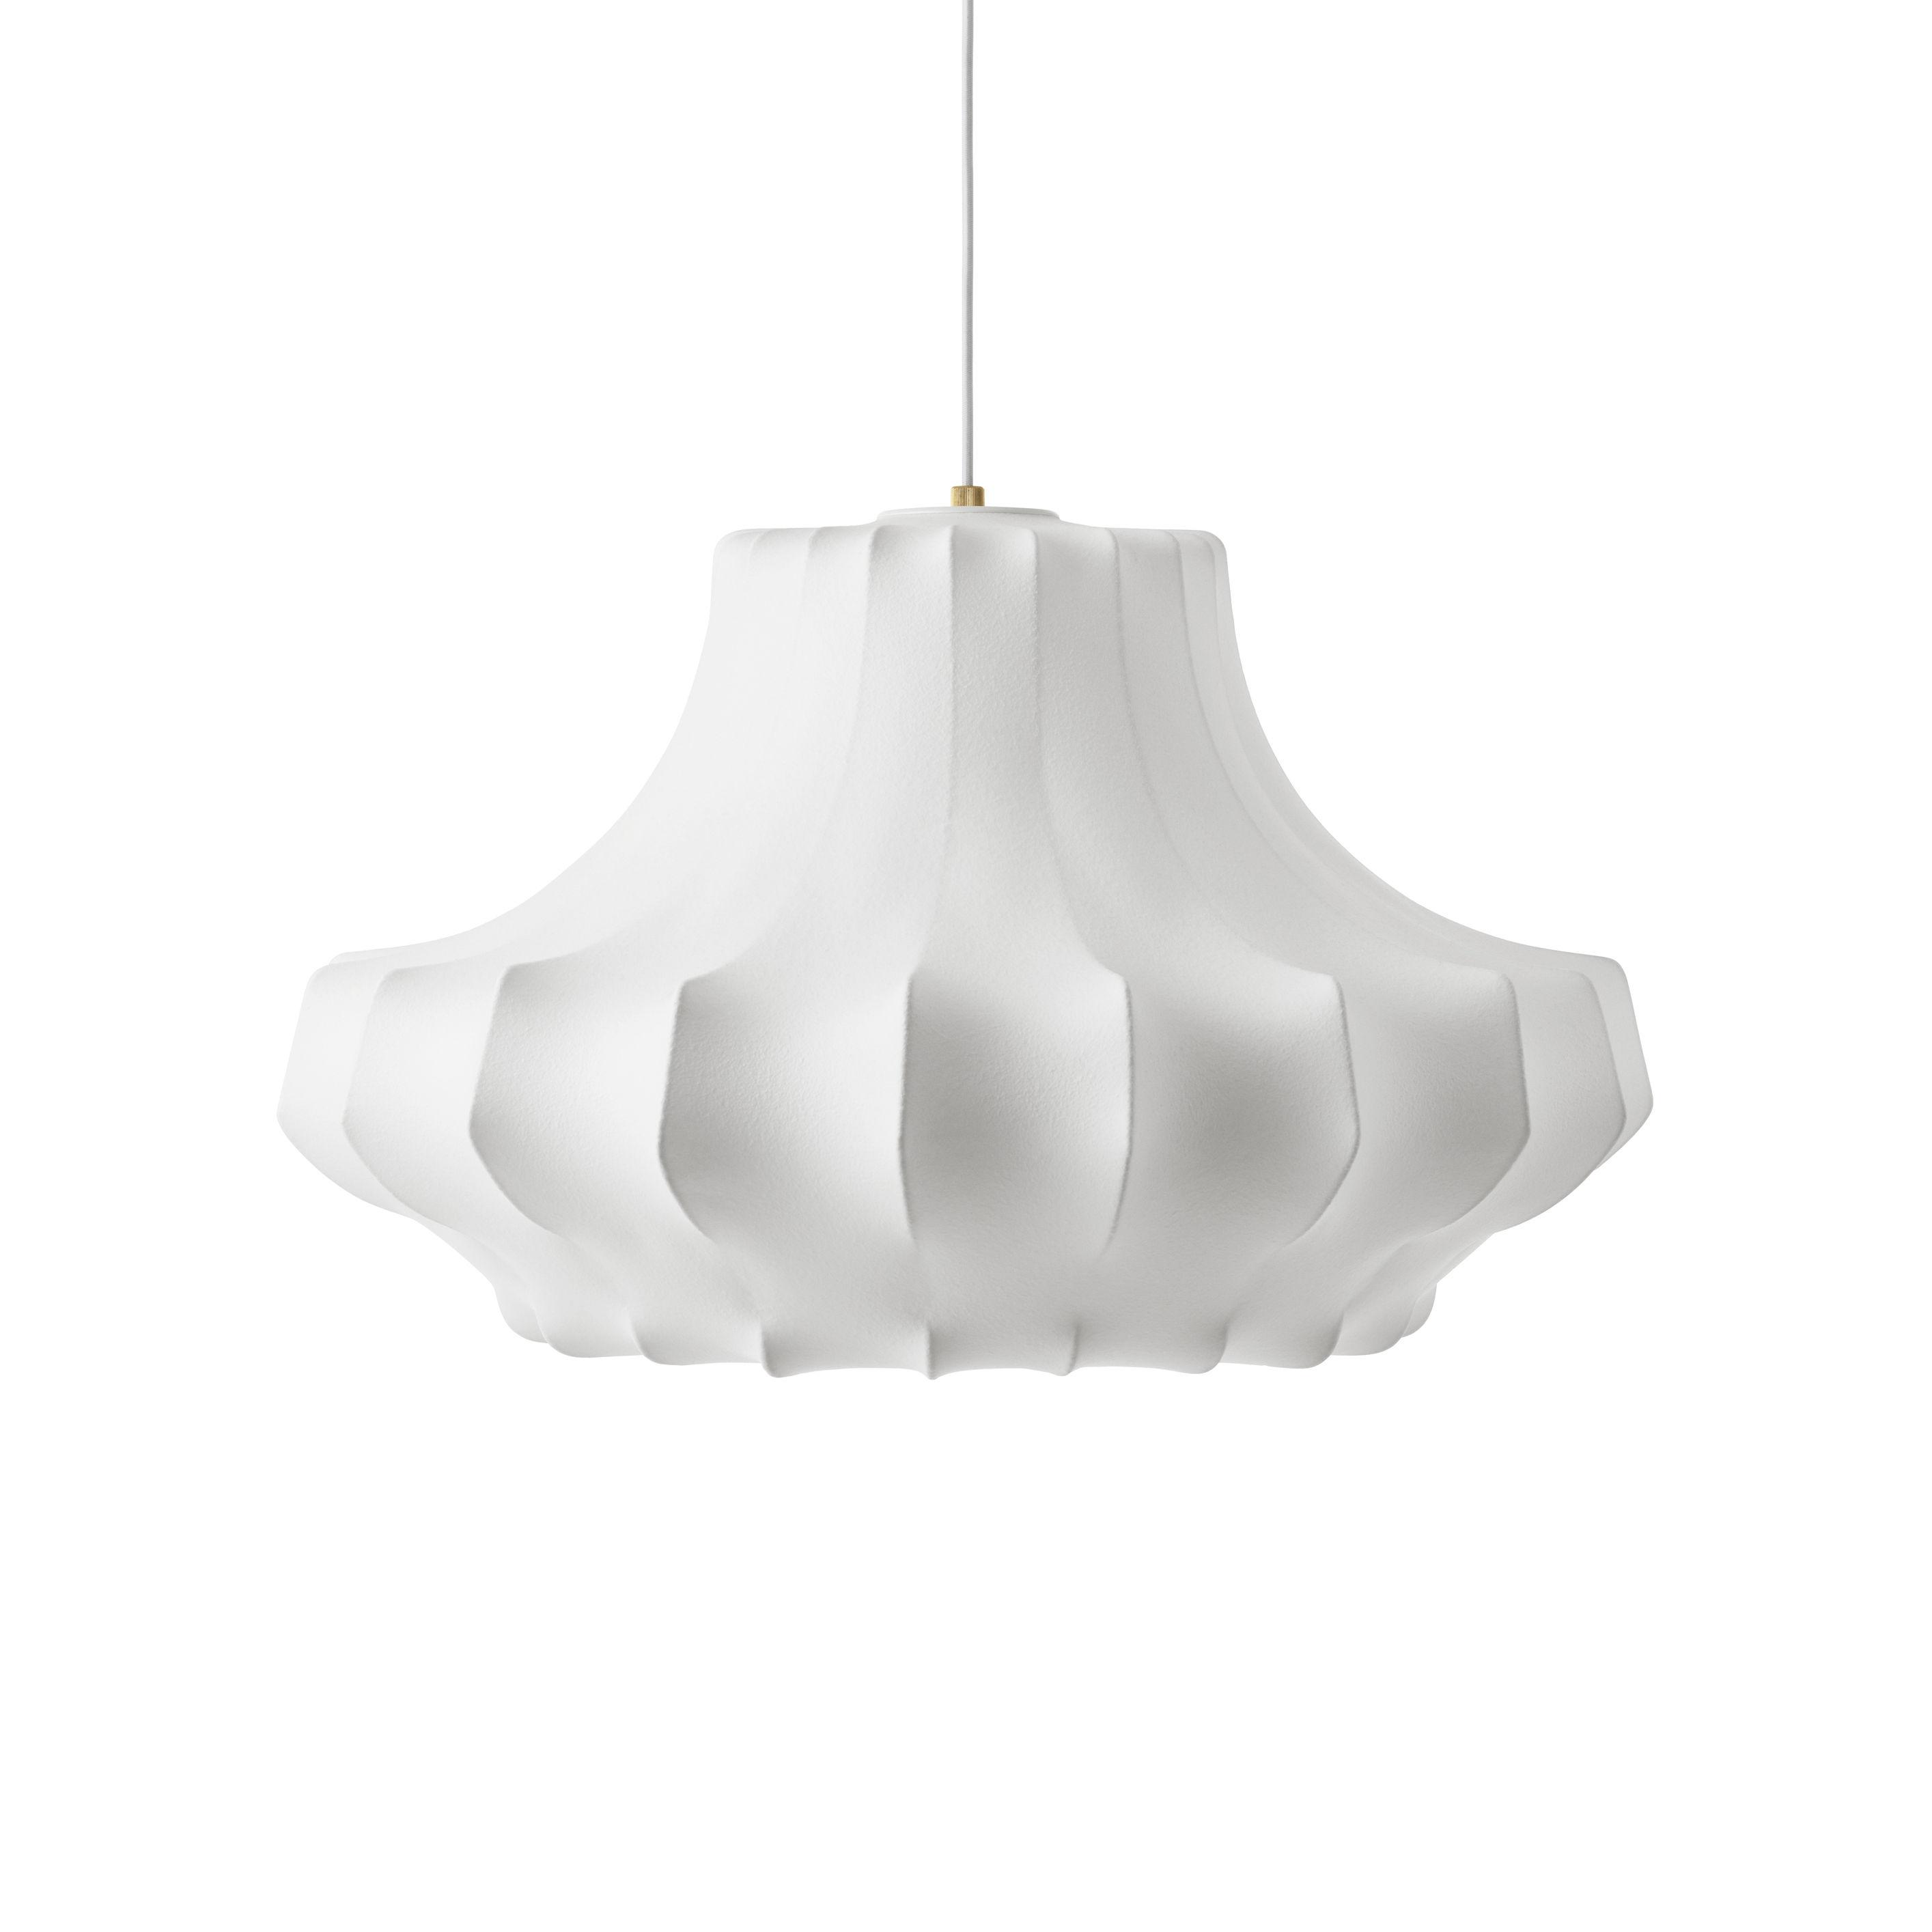 Illuminazione - Lampadari - Sospensione Phantom Medium - / Ø 80 x H 44 cm - Resina cocon di Normann Copenhagen - Bianco - Acciaio, Résine cocon